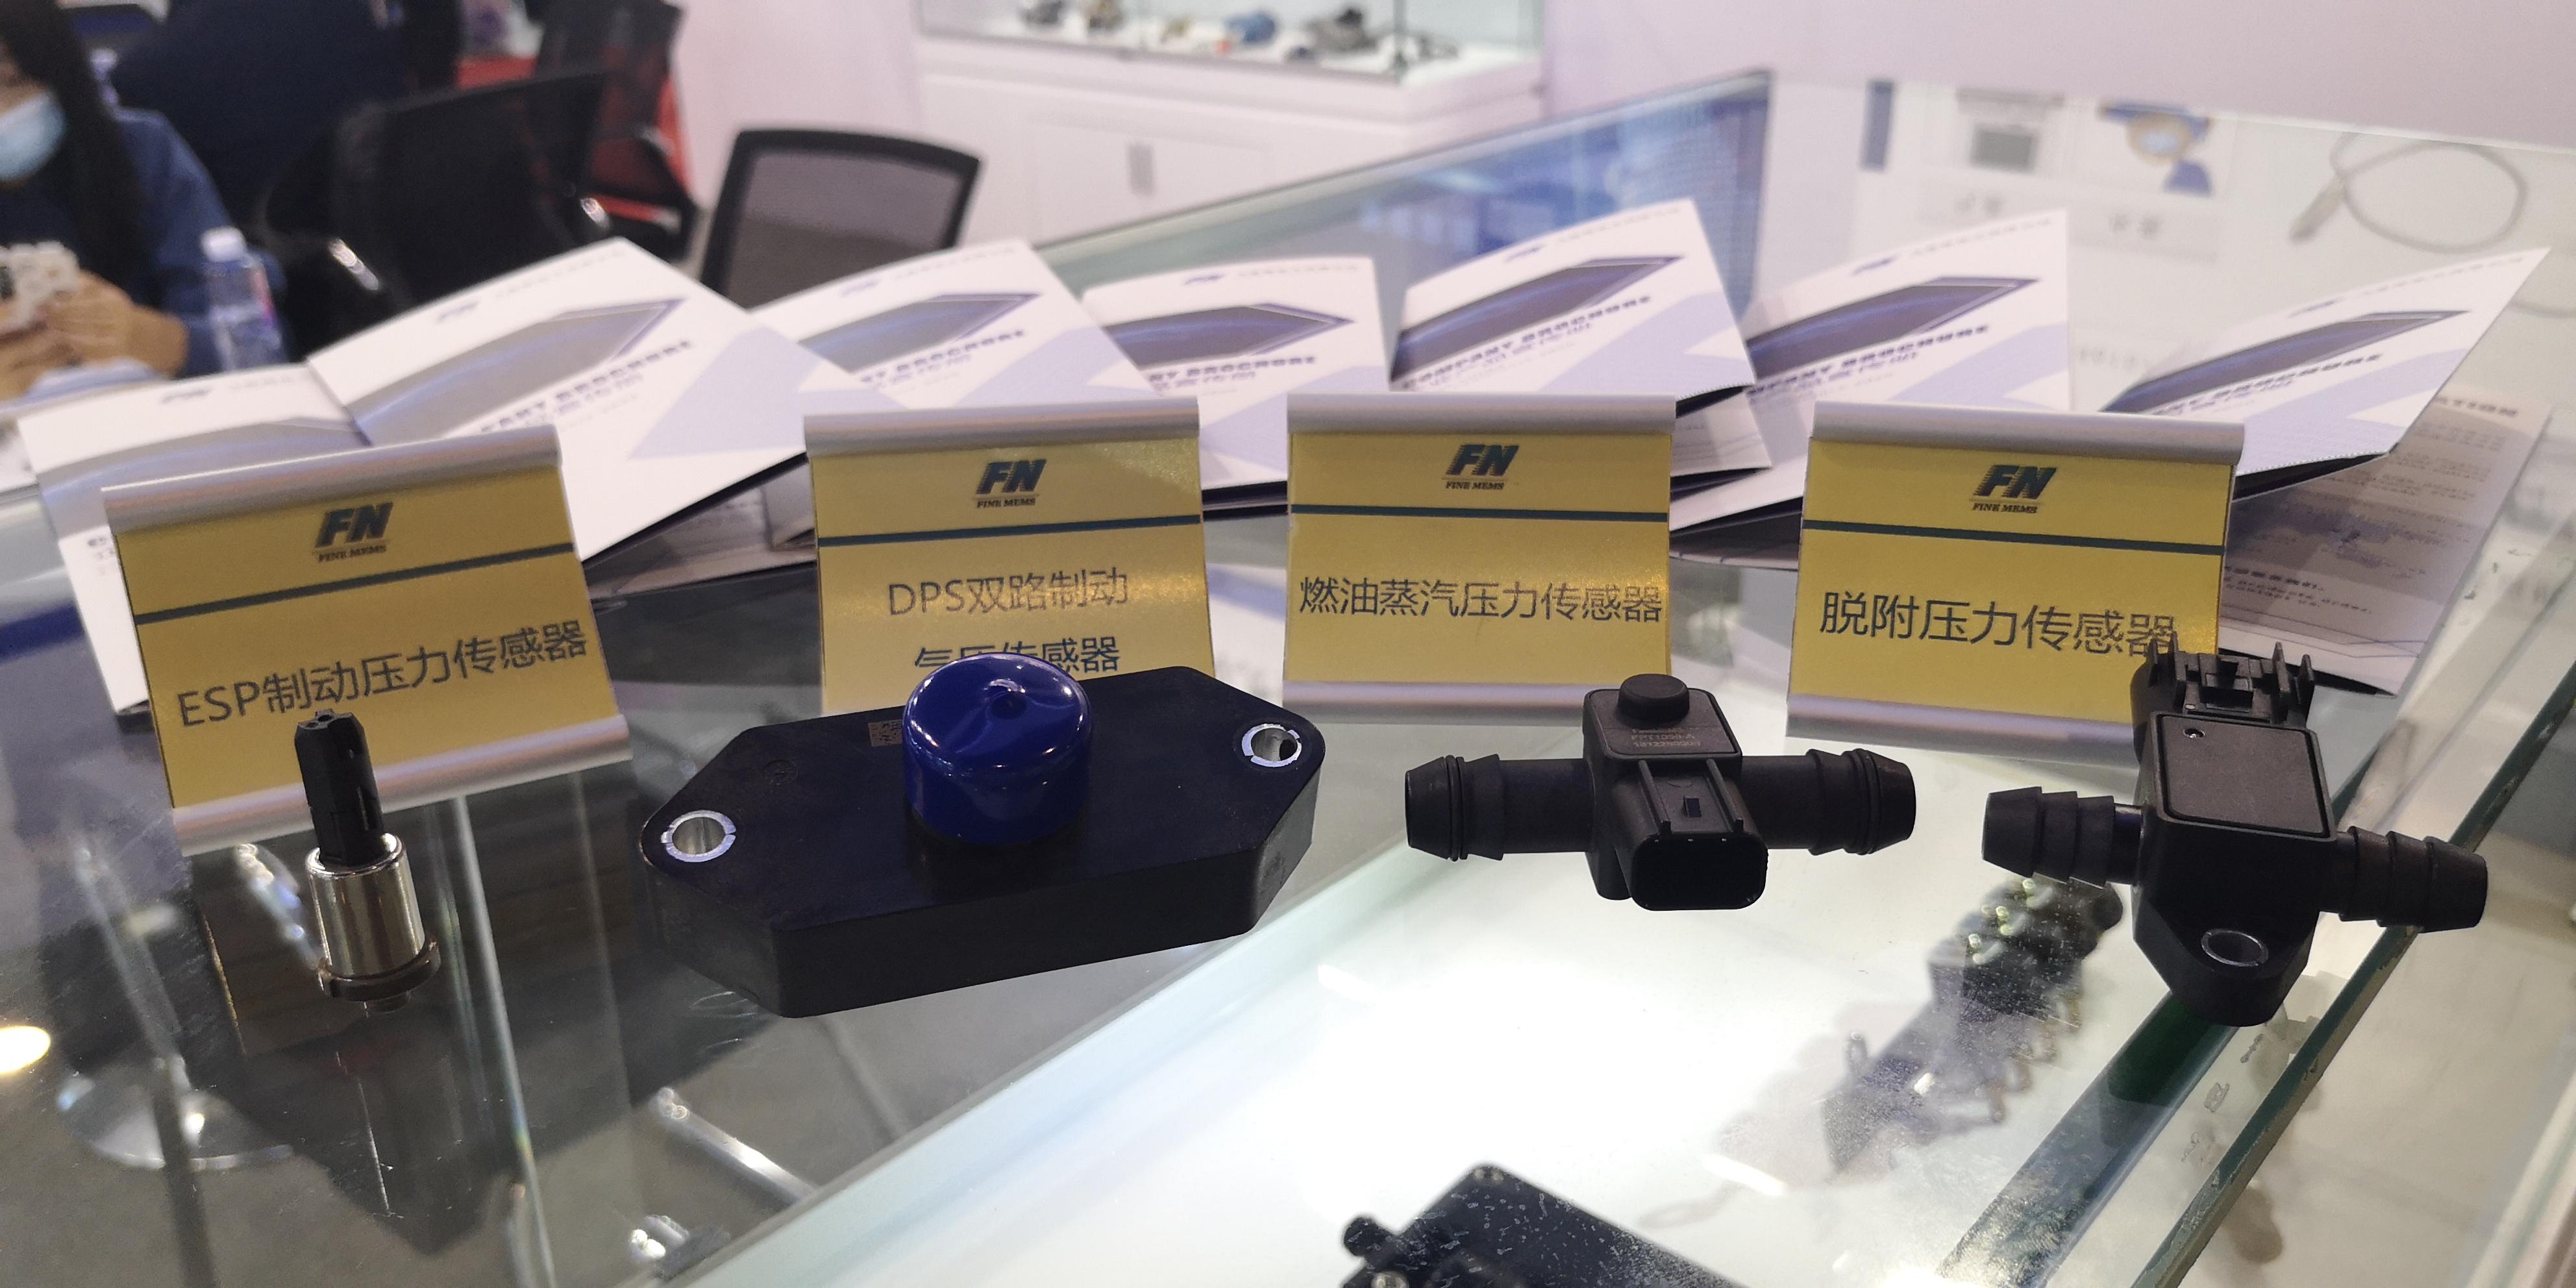 飞恩微电子:压力传感器产品已覆盖汽车整车所有应用